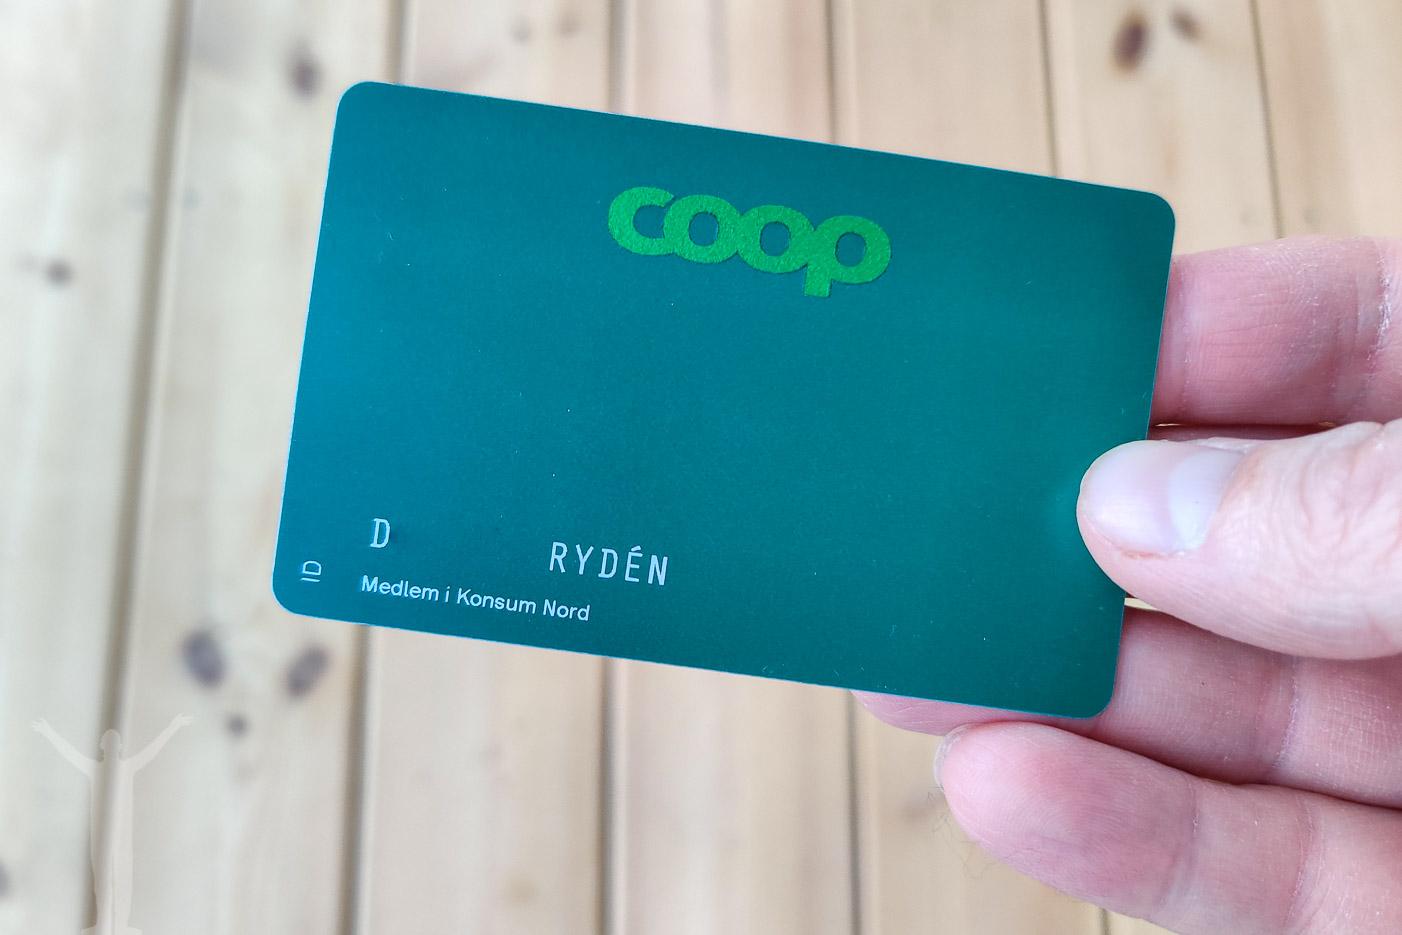 Coop och ännu ett plastkort till sopberget